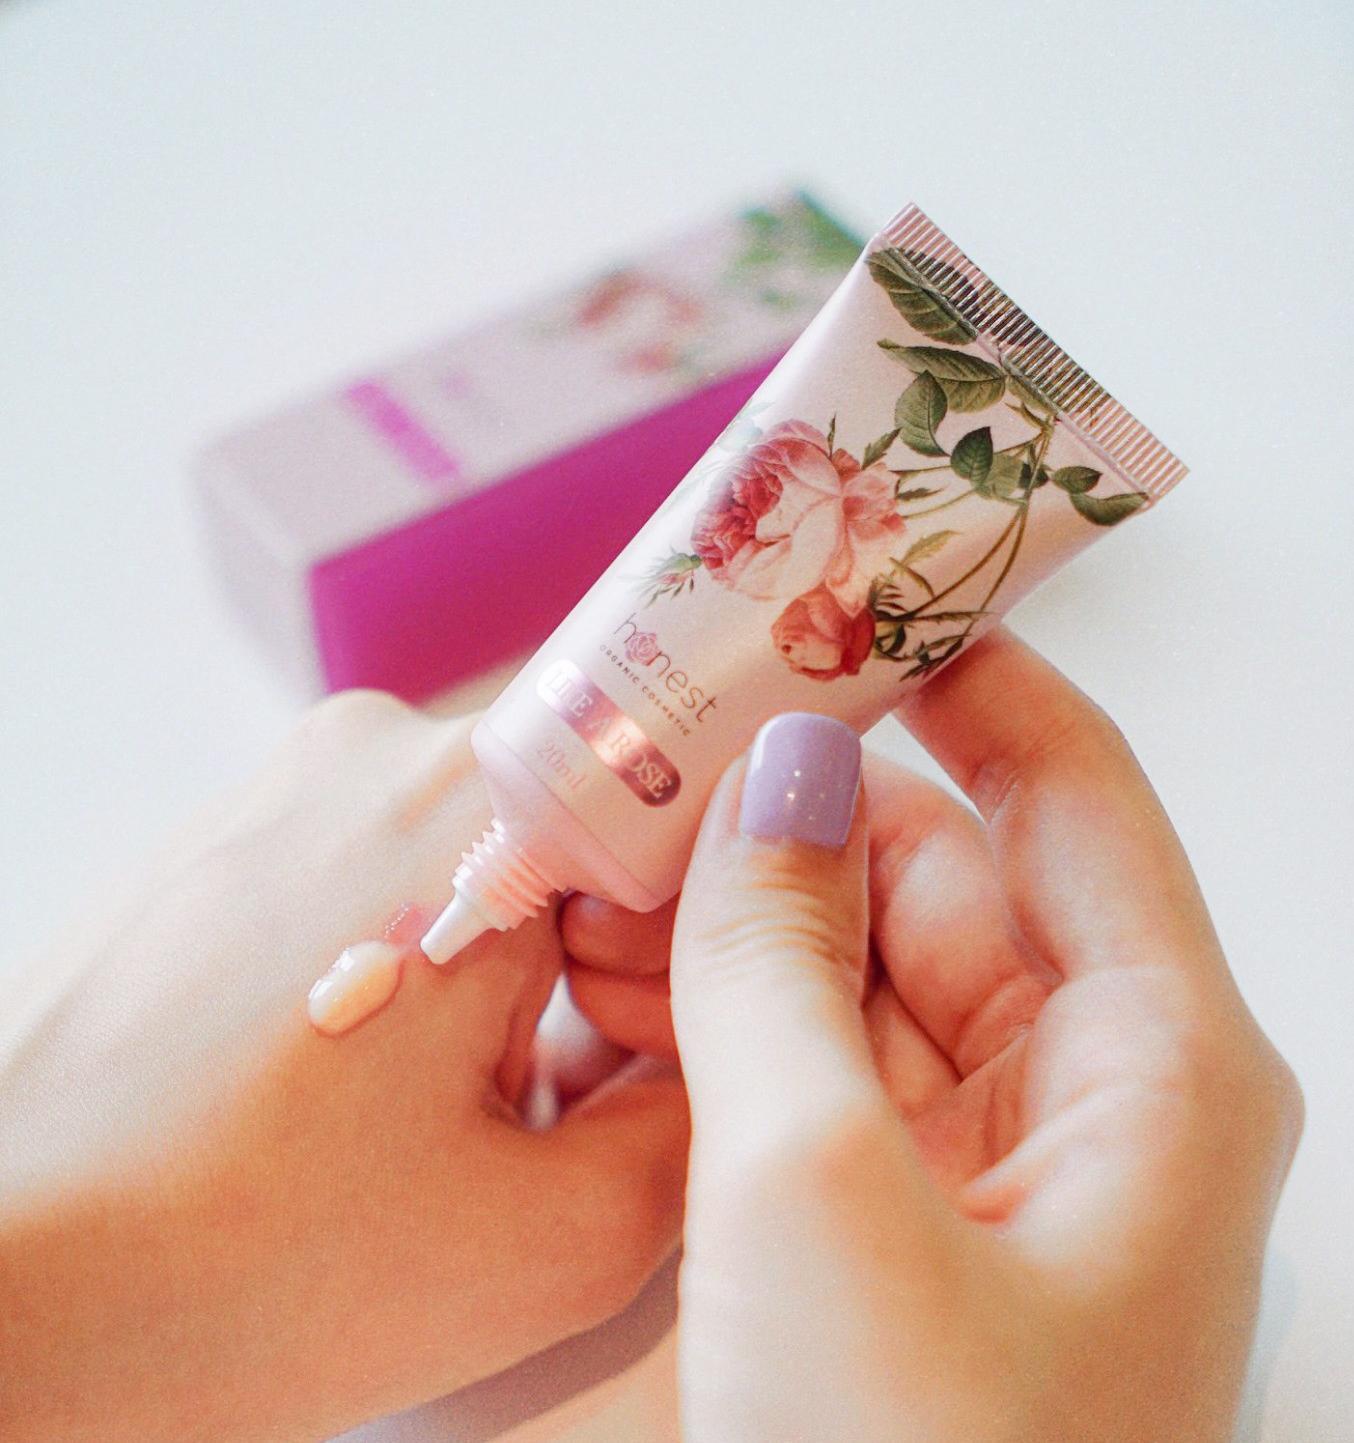 Giải mã cơn sốt kem dưỡng má hồng được hàng loạt beauty blogger săn đón - Ảnh 4.